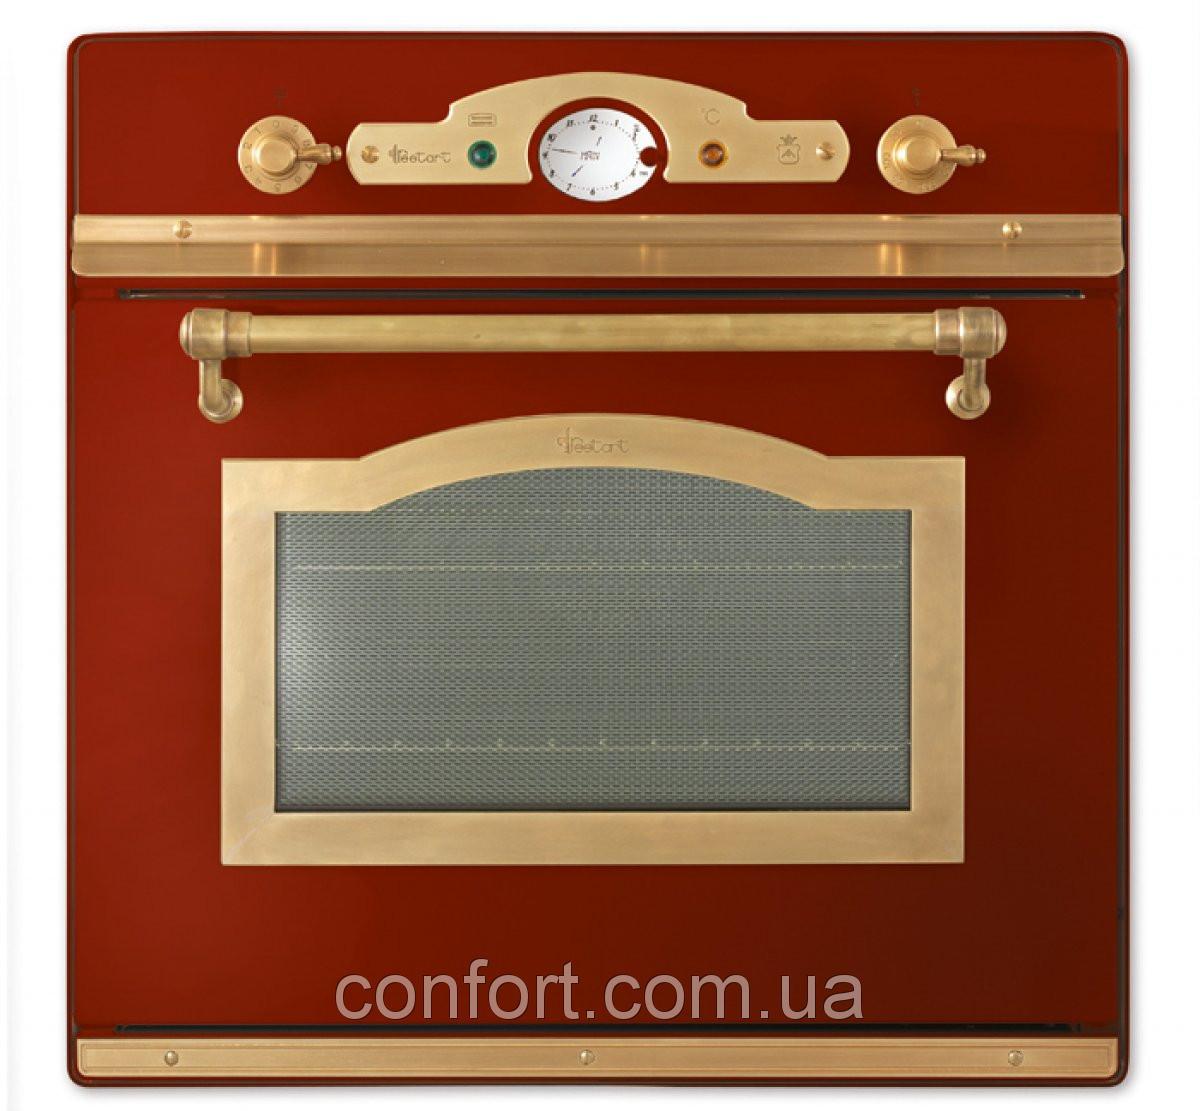 Встраиваемый духовой шкаф Restart ELF 091 / ELF 091G